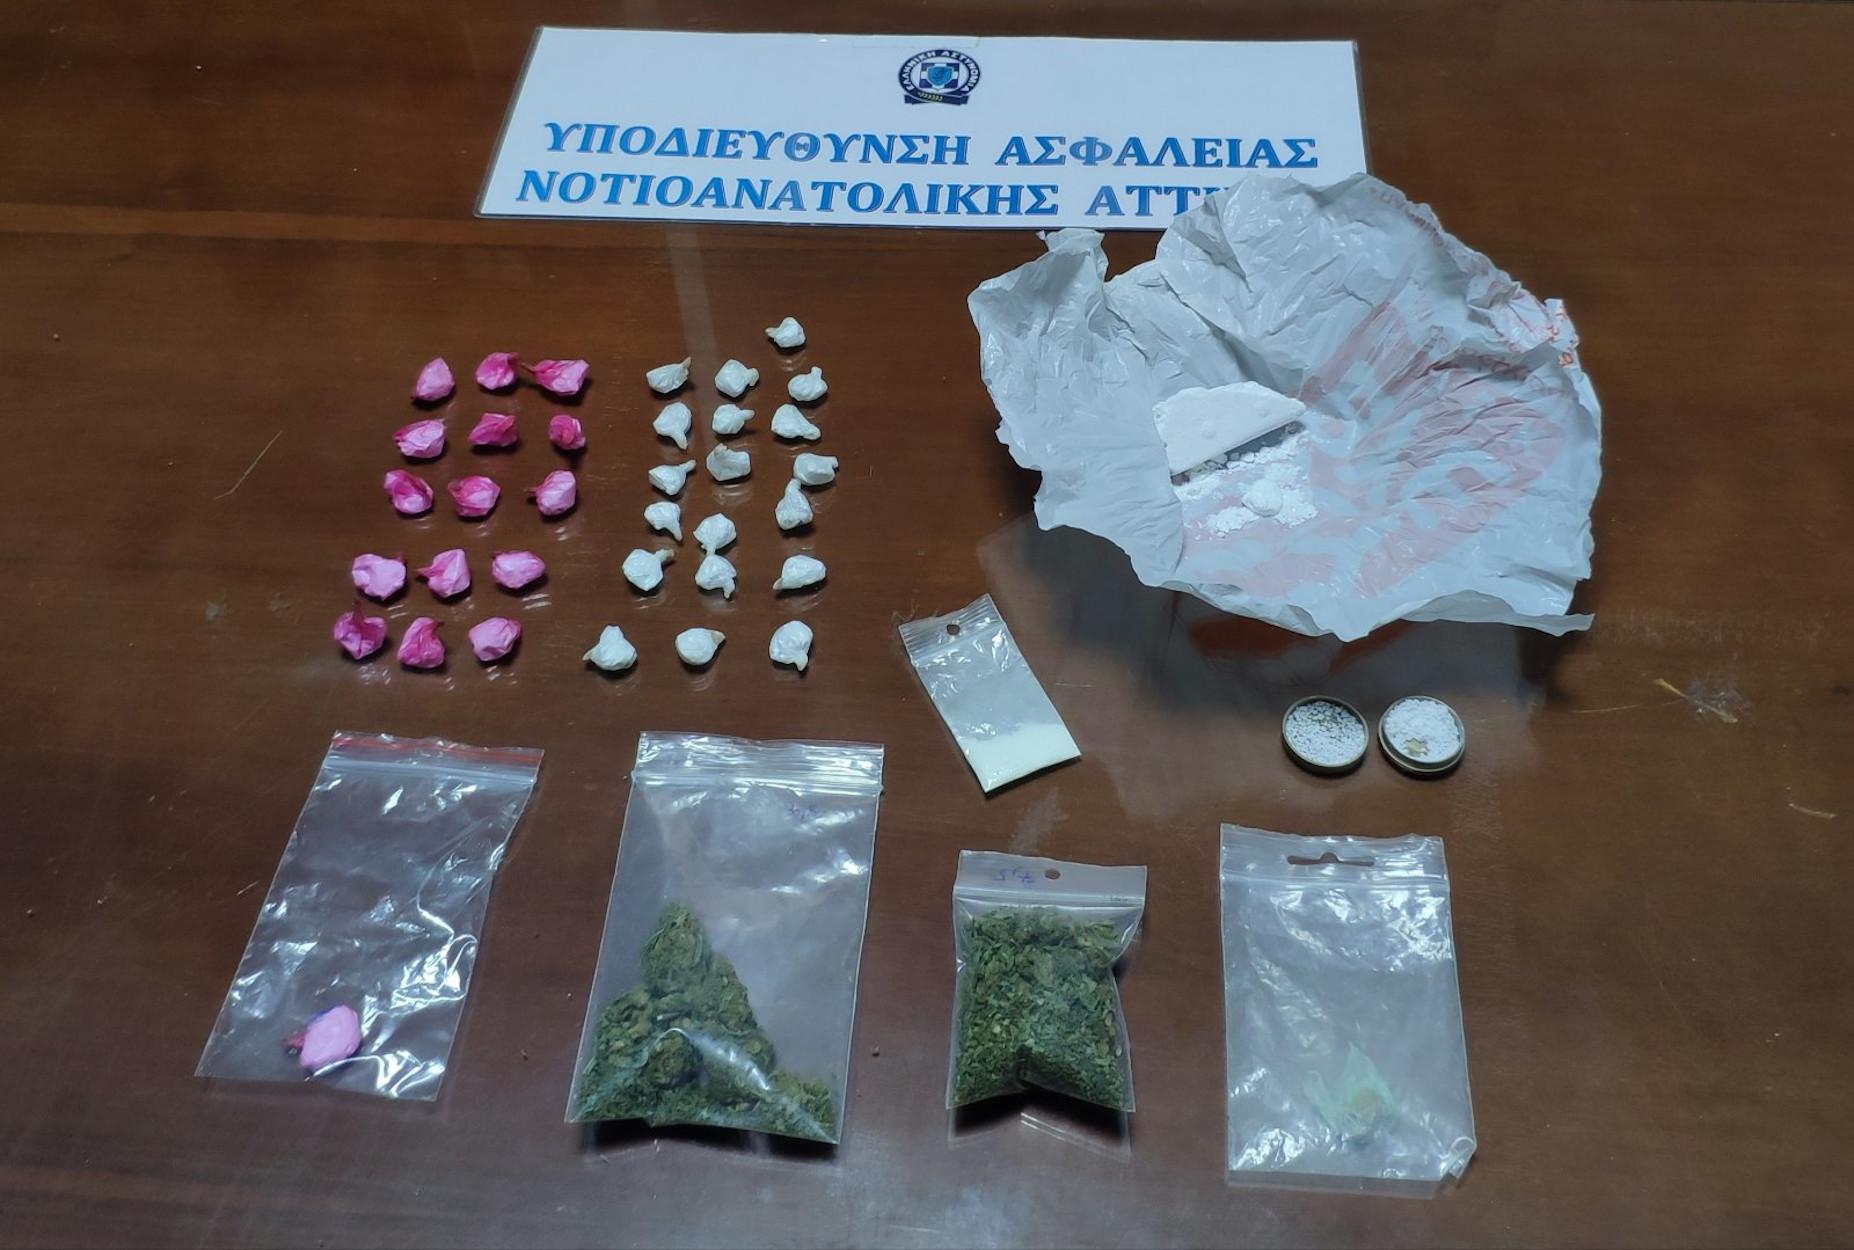 """Γλυφάδα: Δύο συλλήψεις για κοκαΐνη και κάνναβη – Πως """"τσάκωσαν"""" διακινητή και αγοραστή (pics)"""